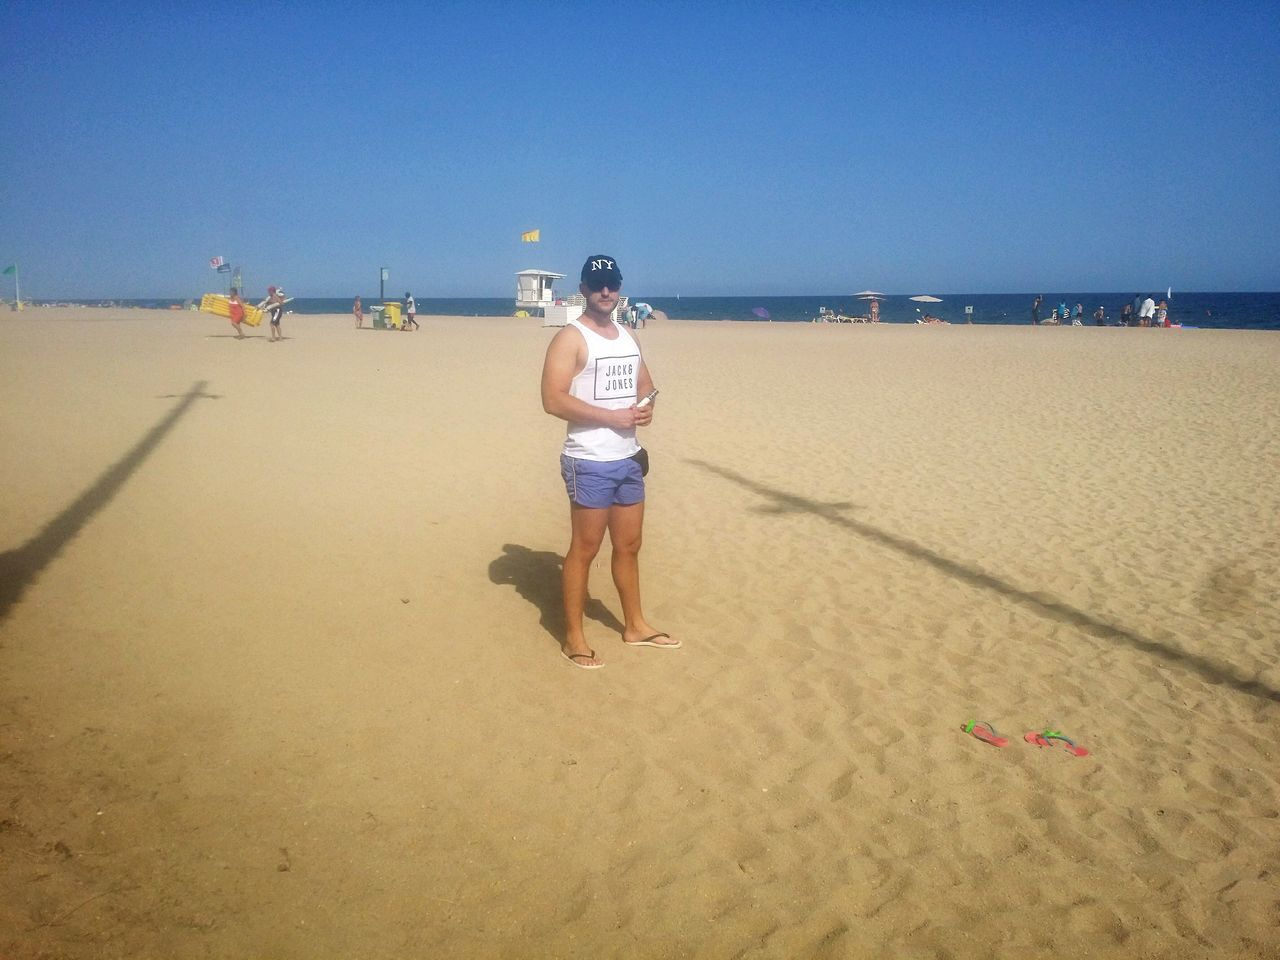 Beach Sand Summer One Person